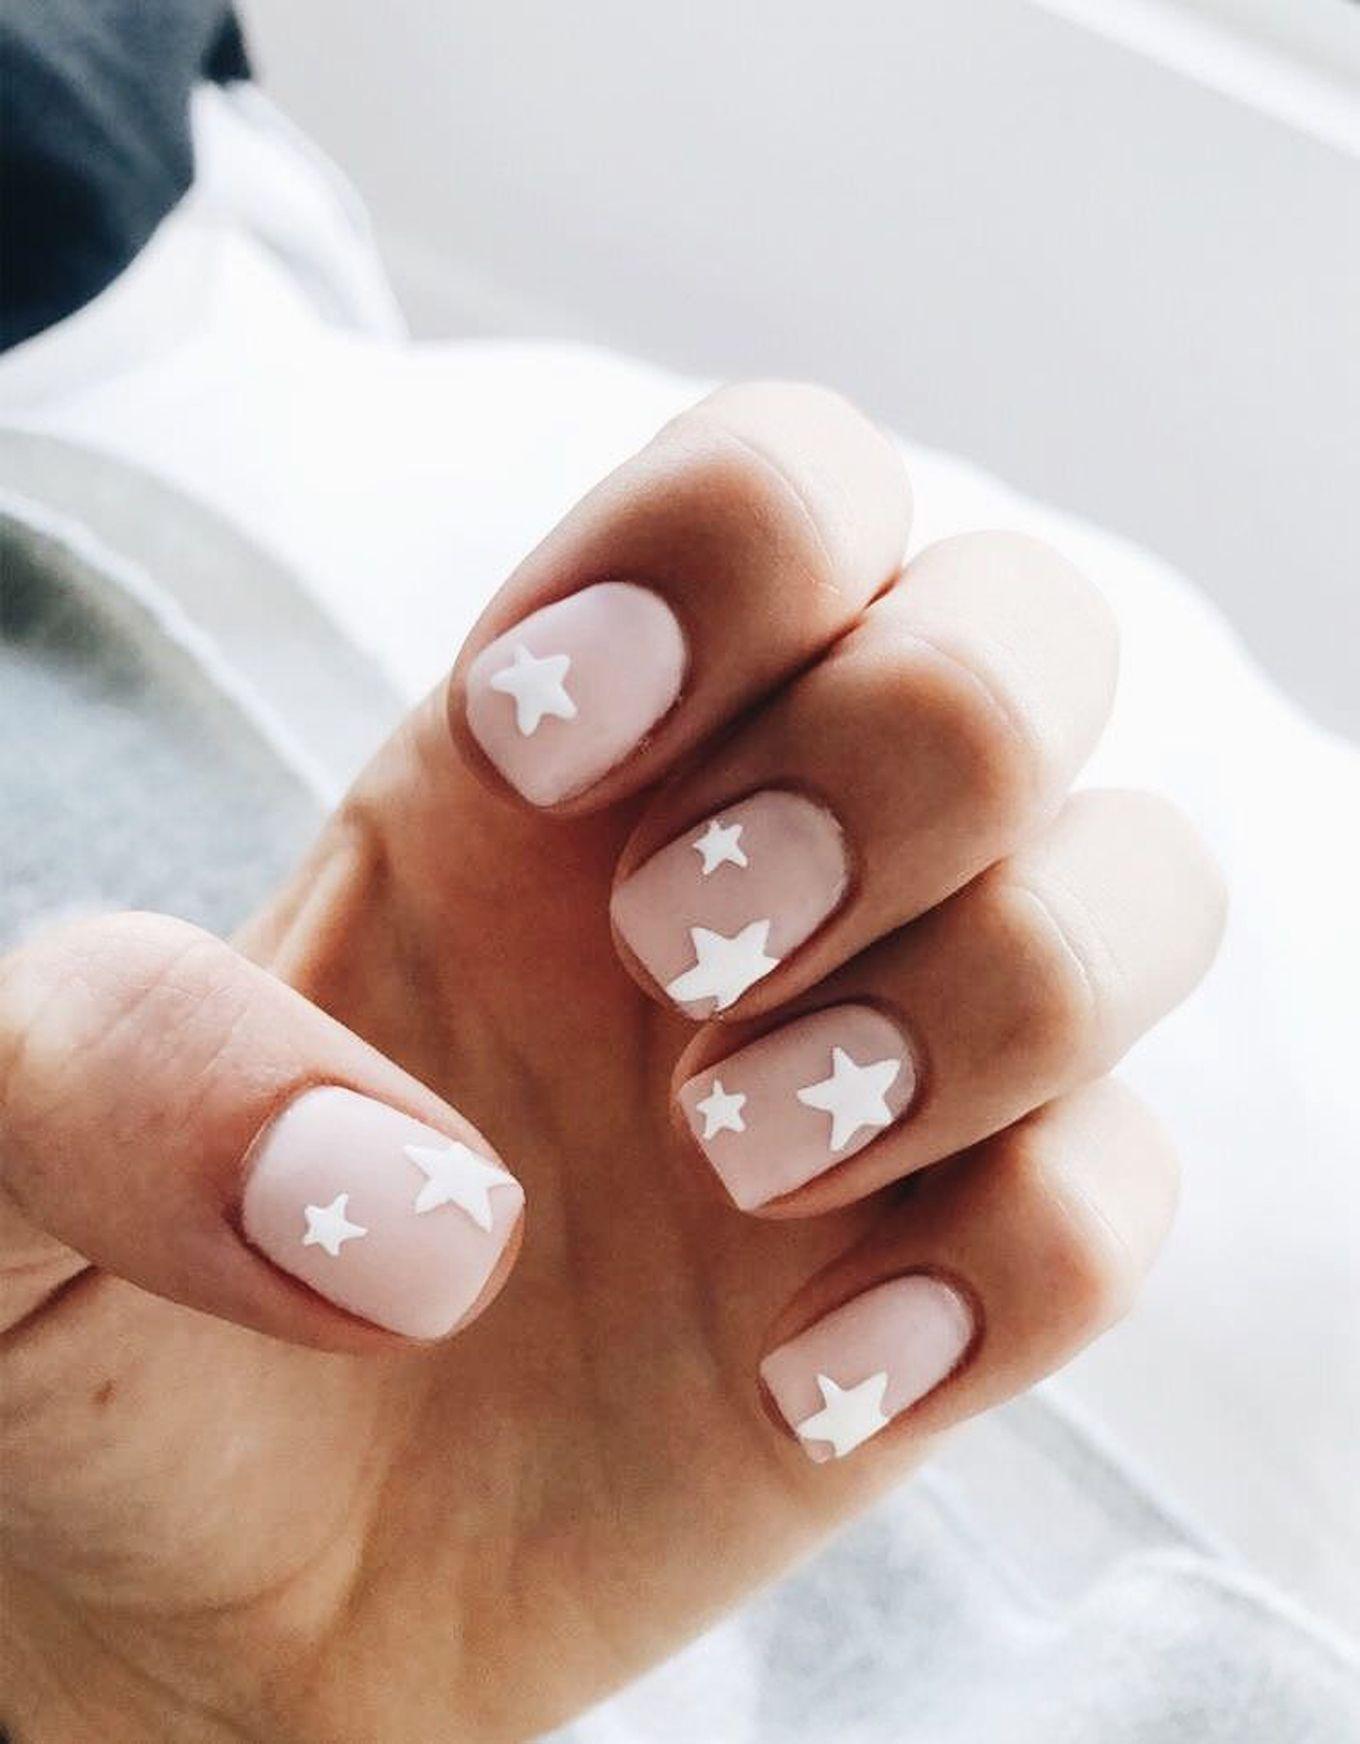 8 Manis That Have Nailed It This Summer Hello Fashion Star Nail Art Star Nails Pink Nails